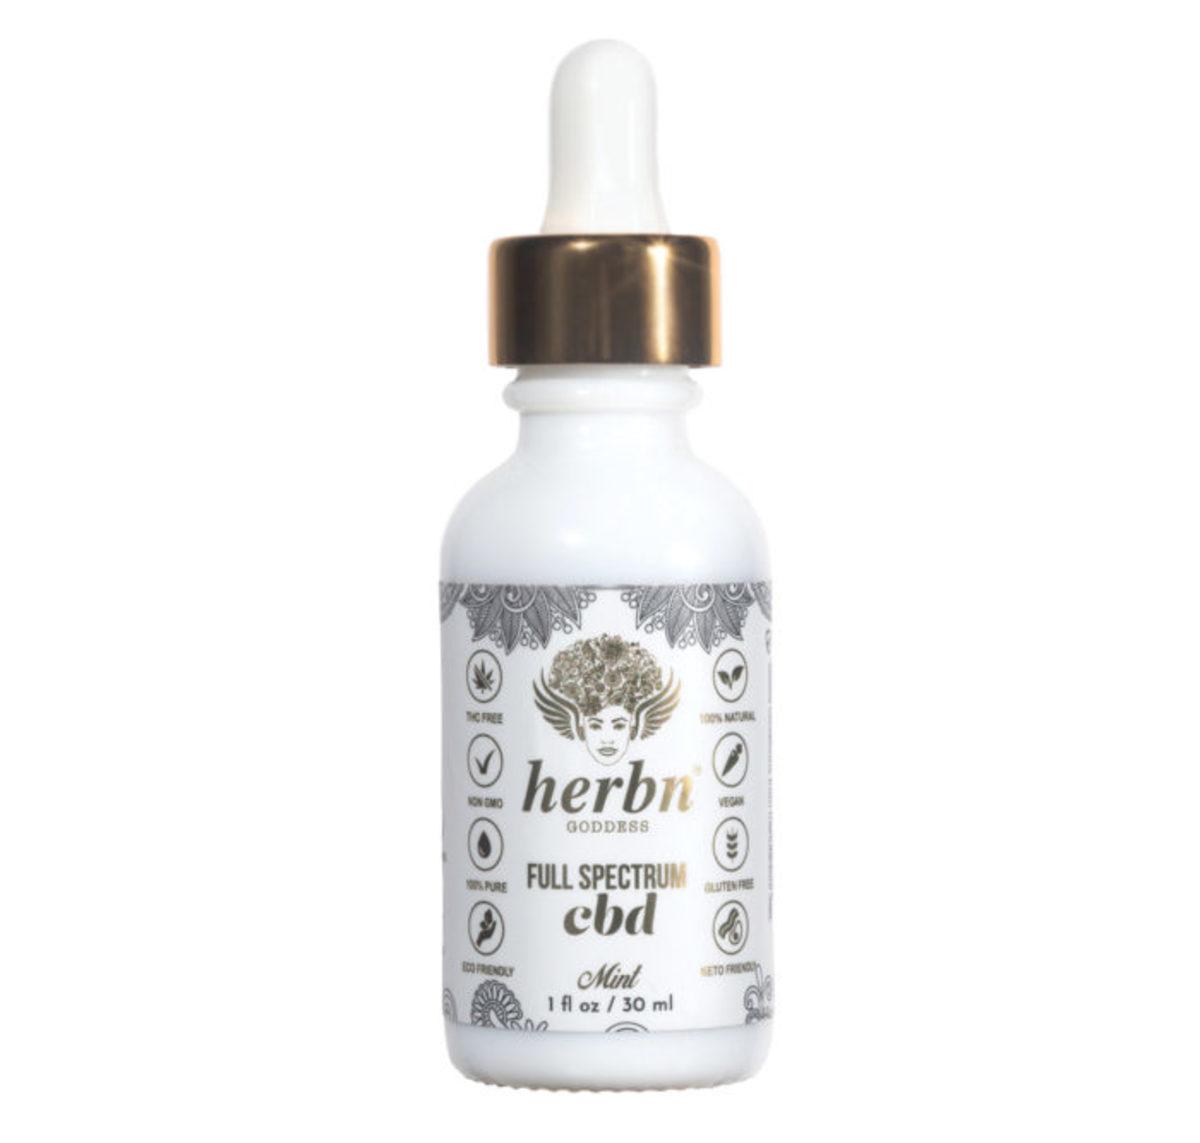 Herbn Goddess Full Spectrum CBD Oil, $129, available here.